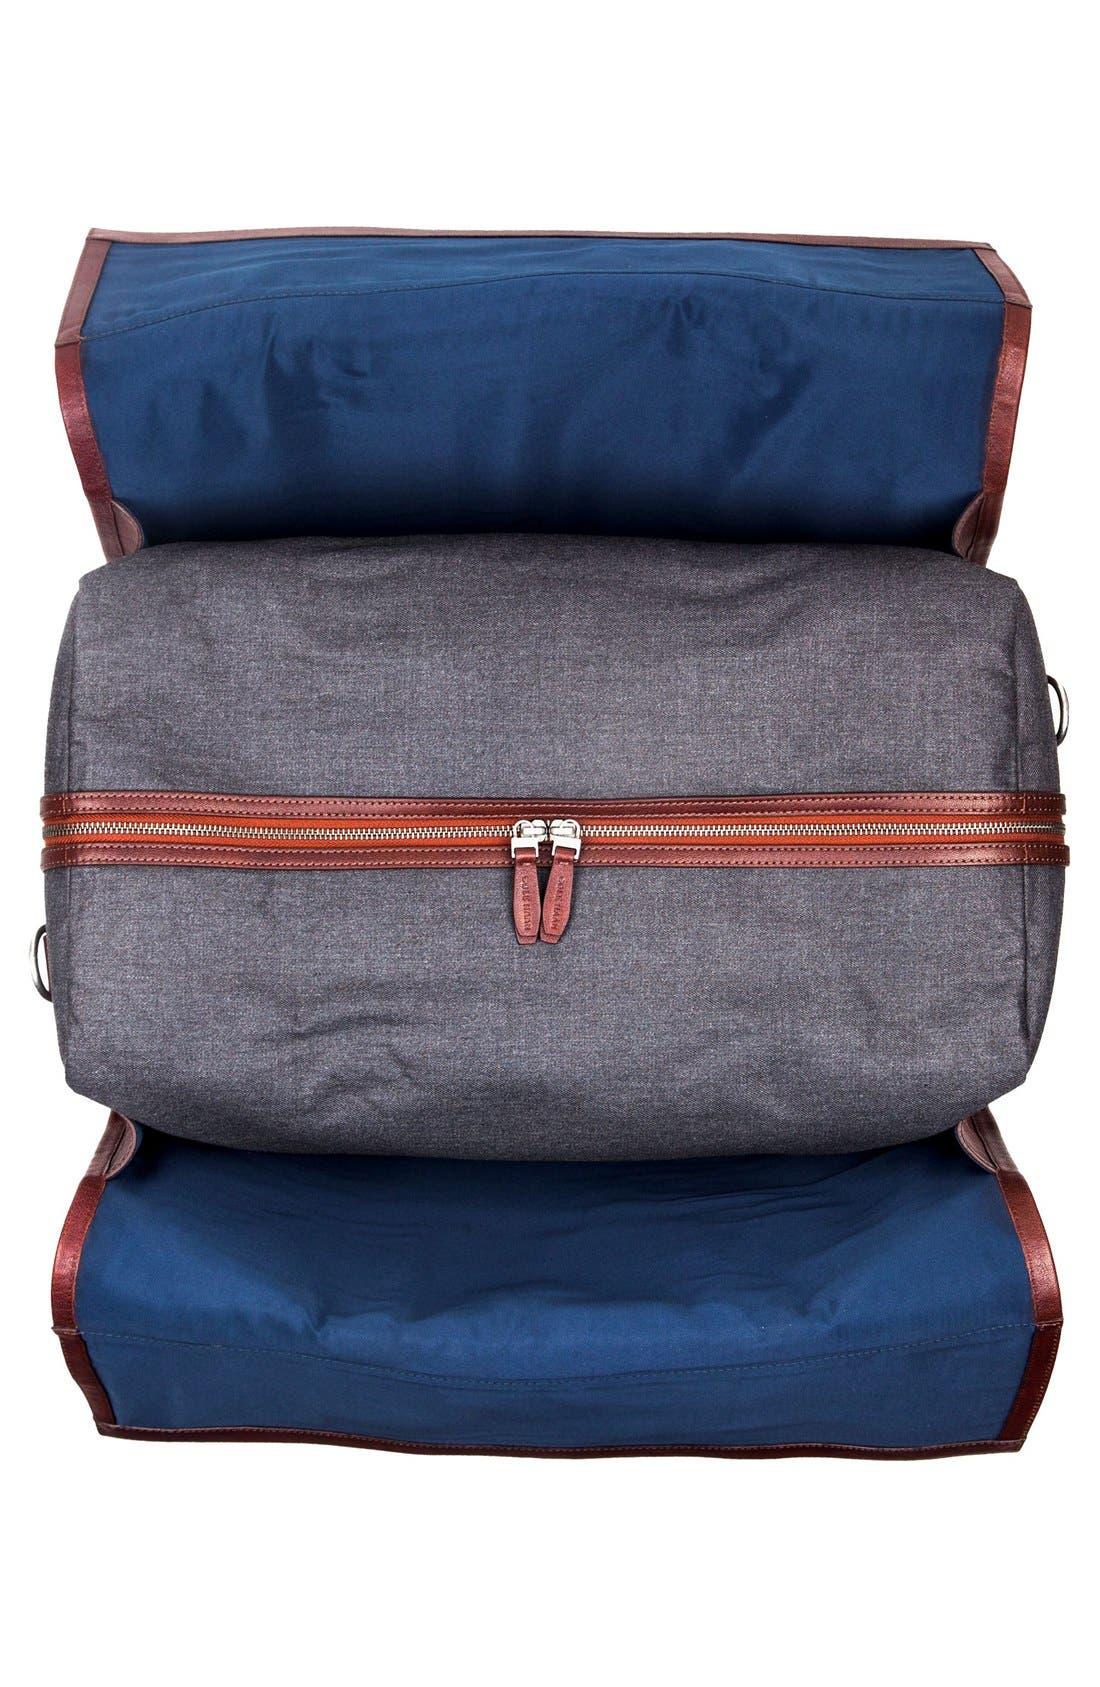 'Grafton' Duffel Bag,                             Alternate thumbnail 4, color,                             Grey